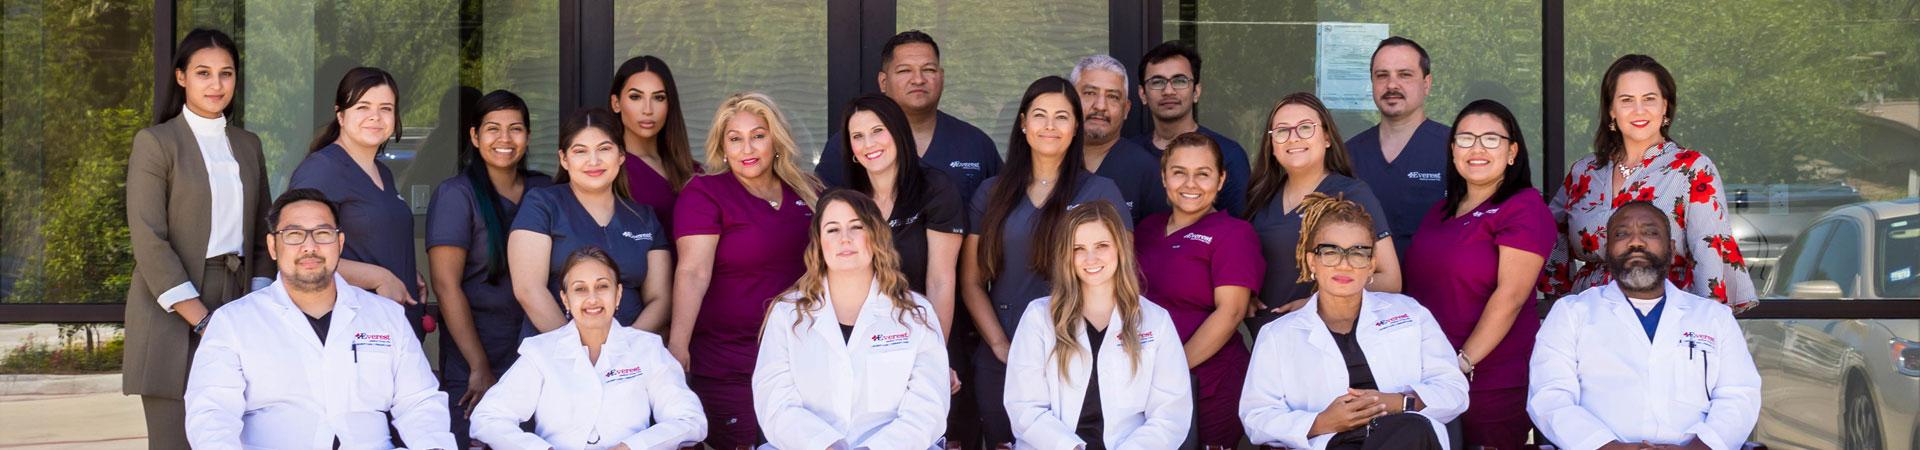 Everest Medical Group